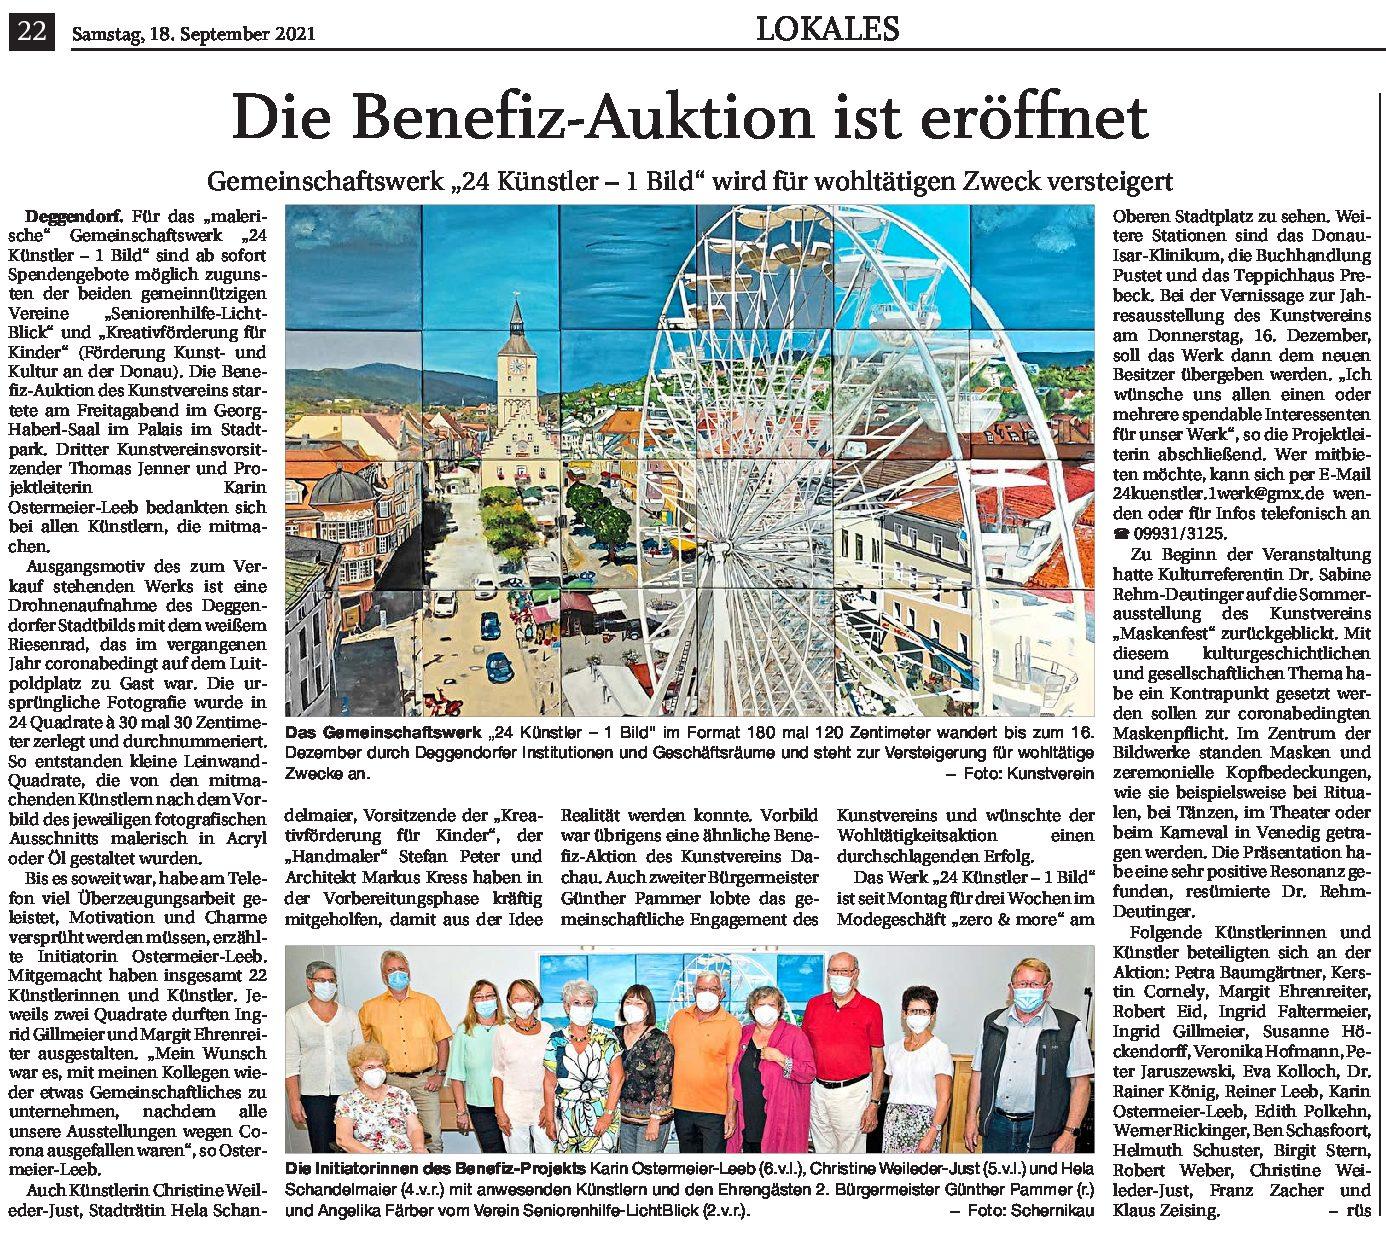 18.09.2021 | Deggendorfter Zeitung | Die Benefiz-Auktion ist eröffnet